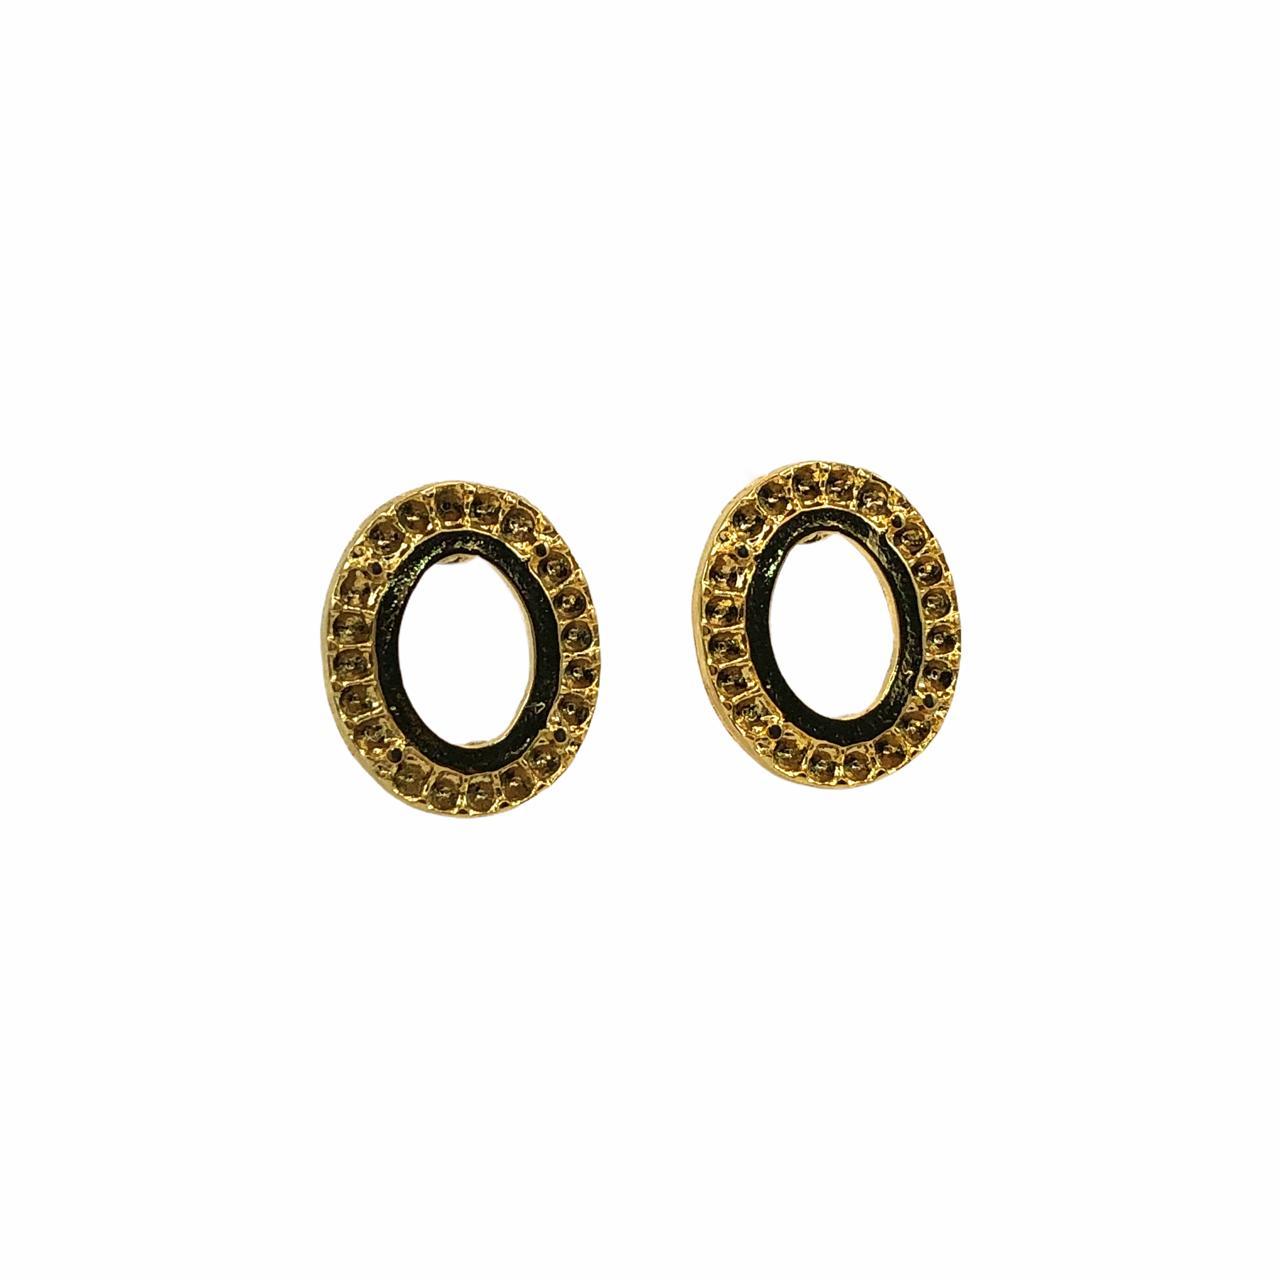 BP1628 - Base de Brinco Oval Banhado Cor Dourado - 01Par